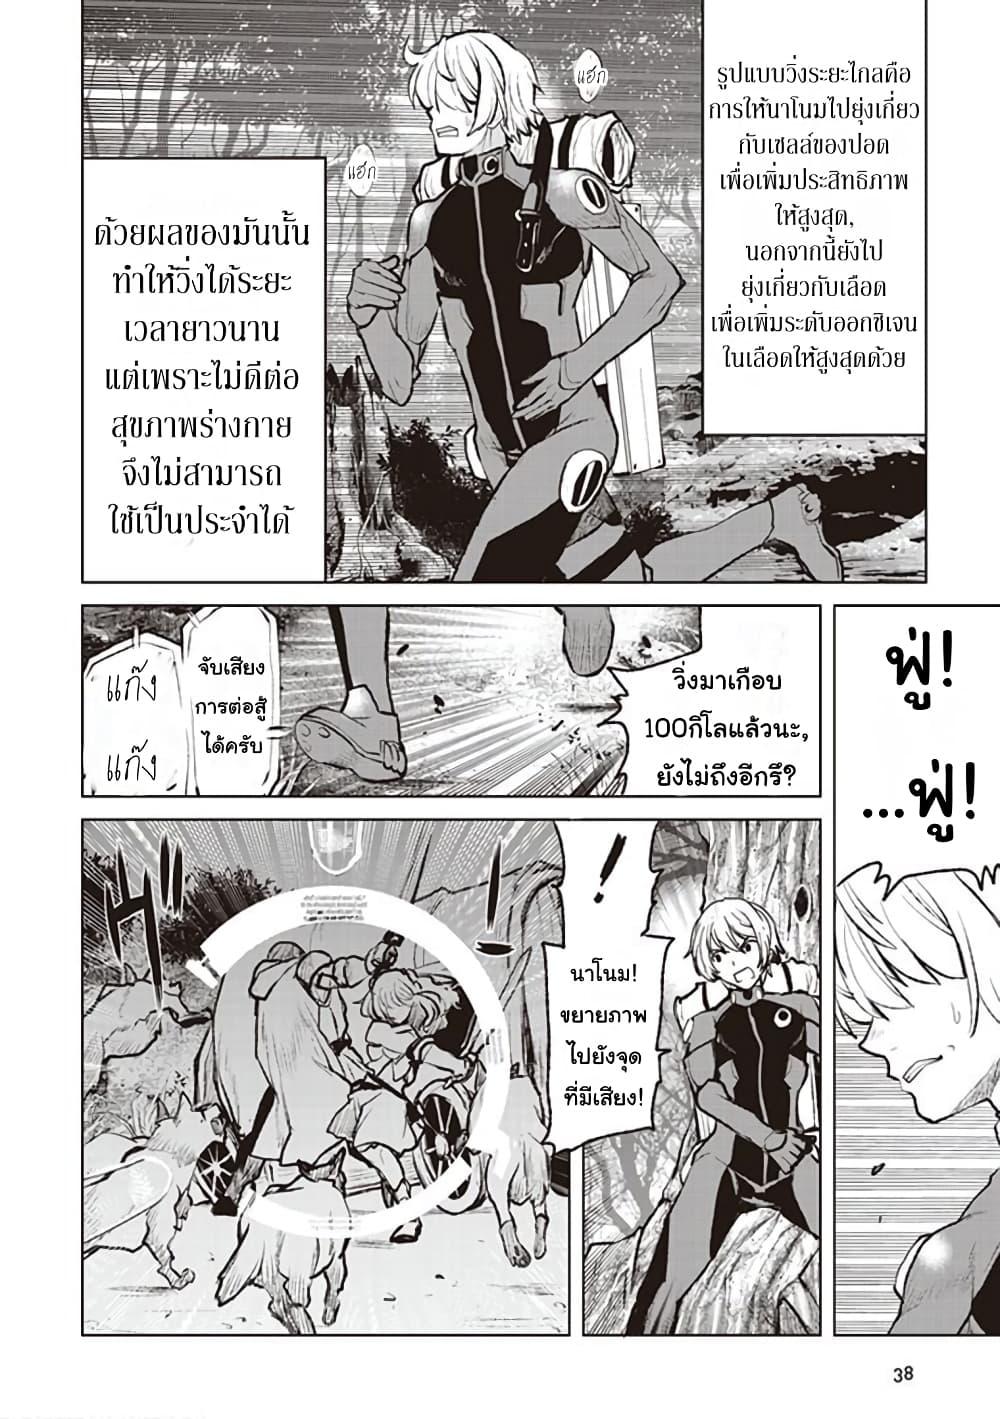 อ่านการ์ตูน The Galactic Navy Officer Becomes an Adventurer ตอนที่ 1 หน้าที่ 38